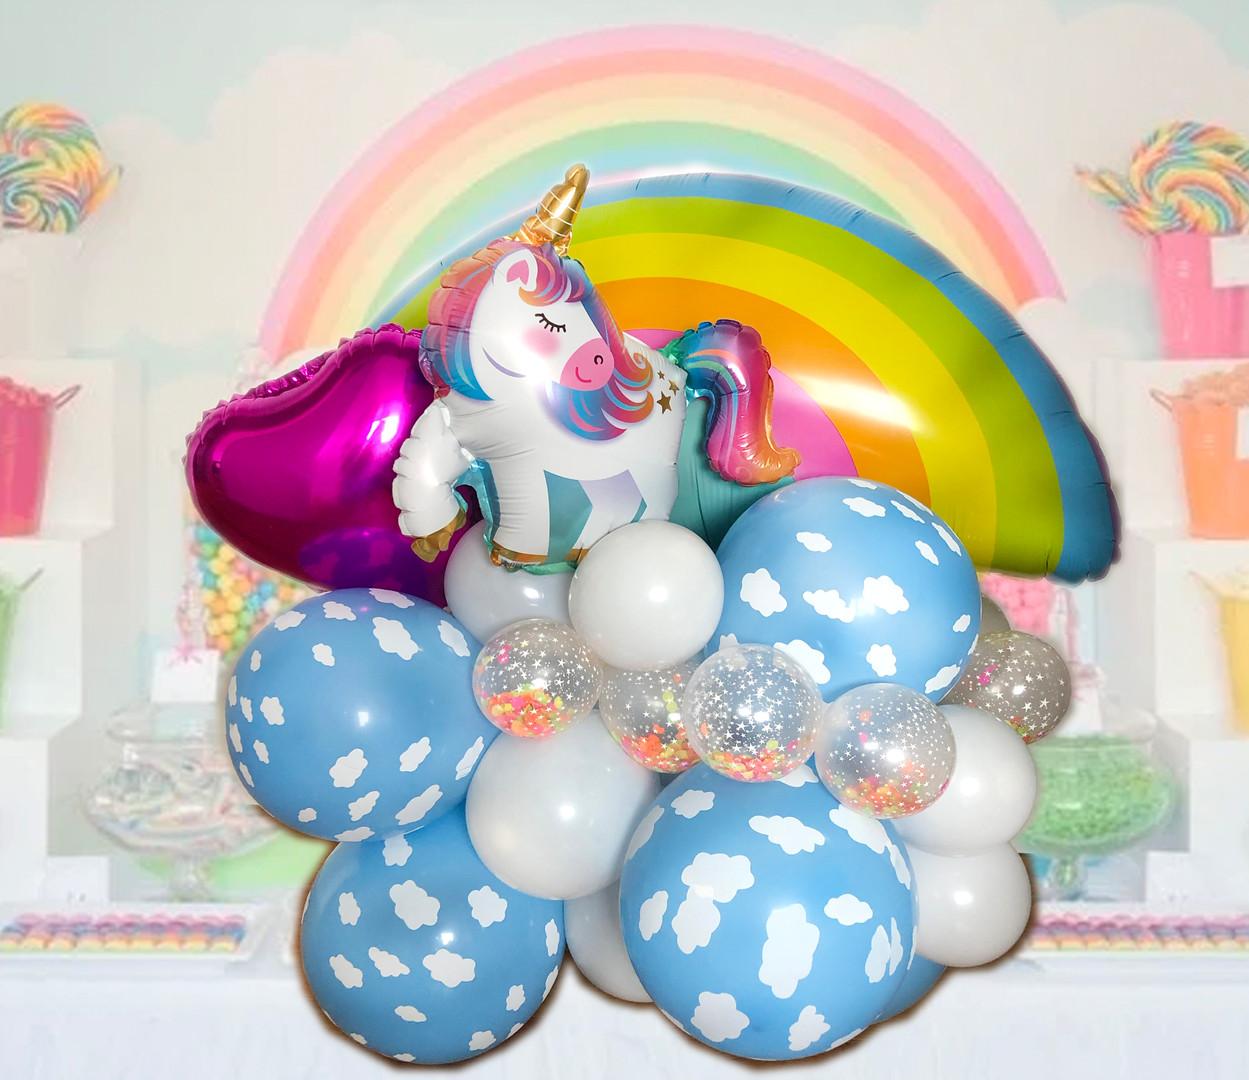 rainbow unicorn balloon centrepiece